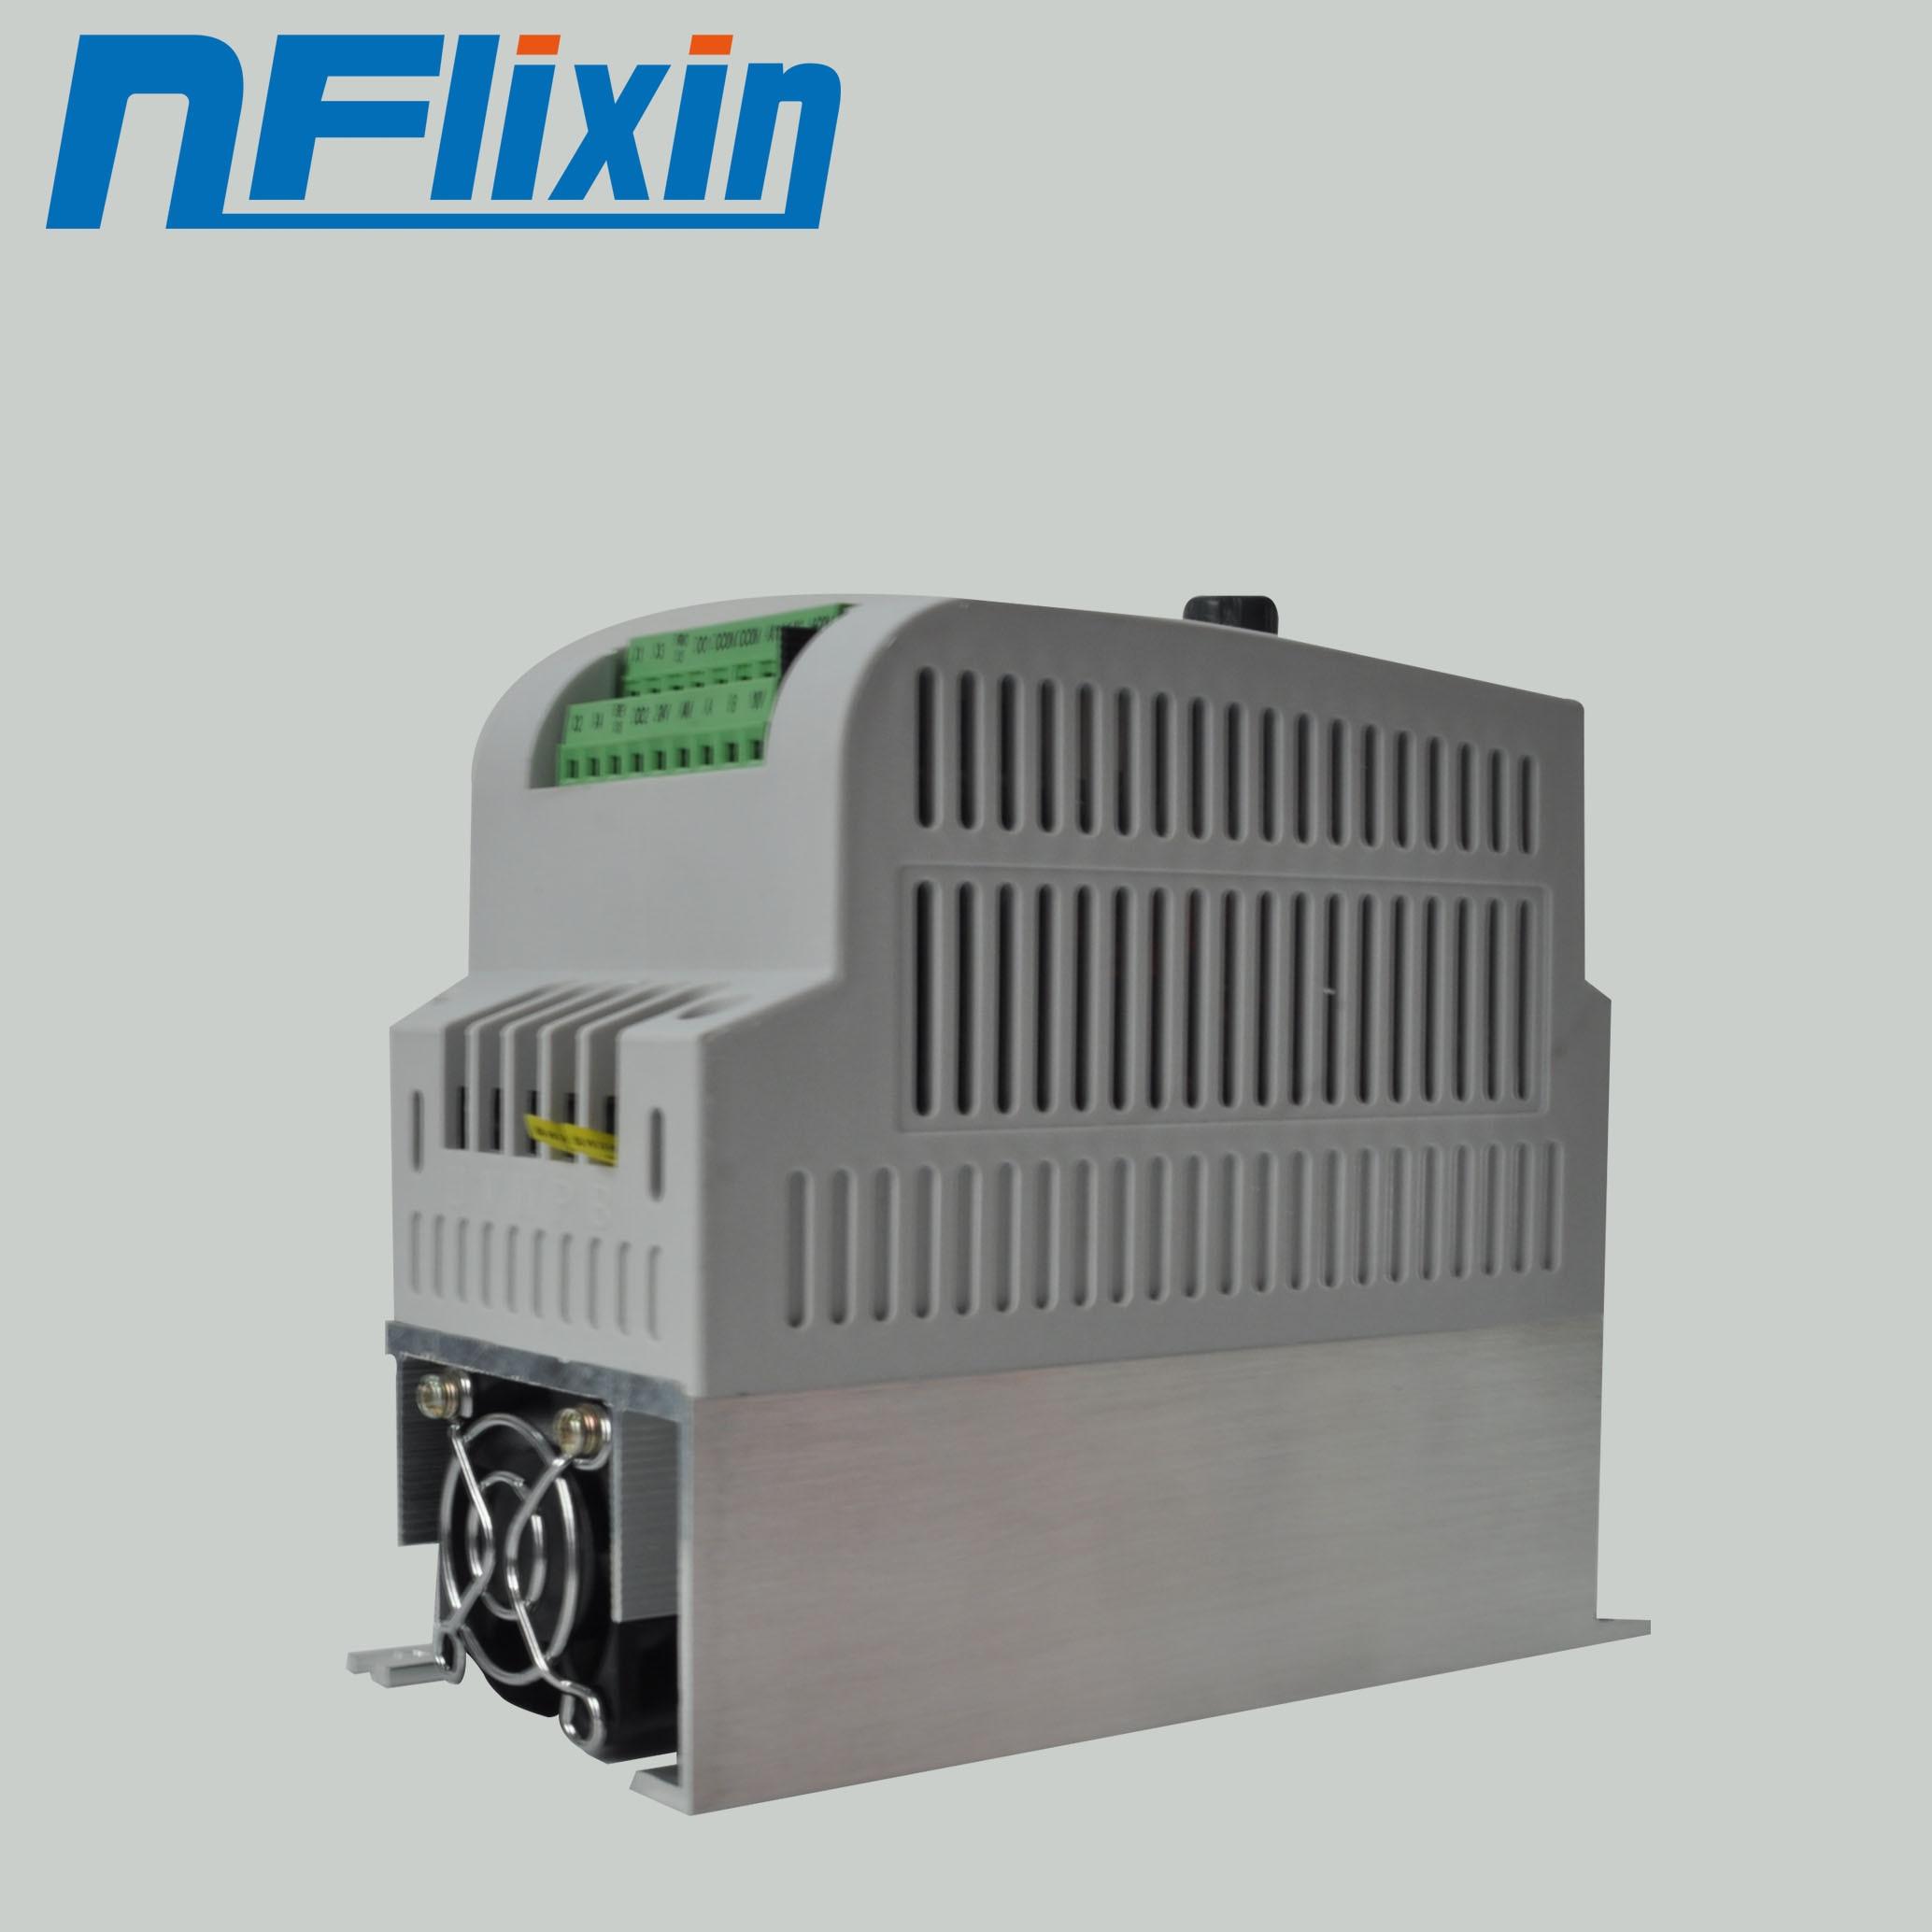 Для российского NF 220 В 1. 5 кВт/2,2/4 кВт 1-фазный вход и 3-фазный выходной преобразователь частоты/привод двигателя переменного тока/VSD/VFD/50 Гц инв...